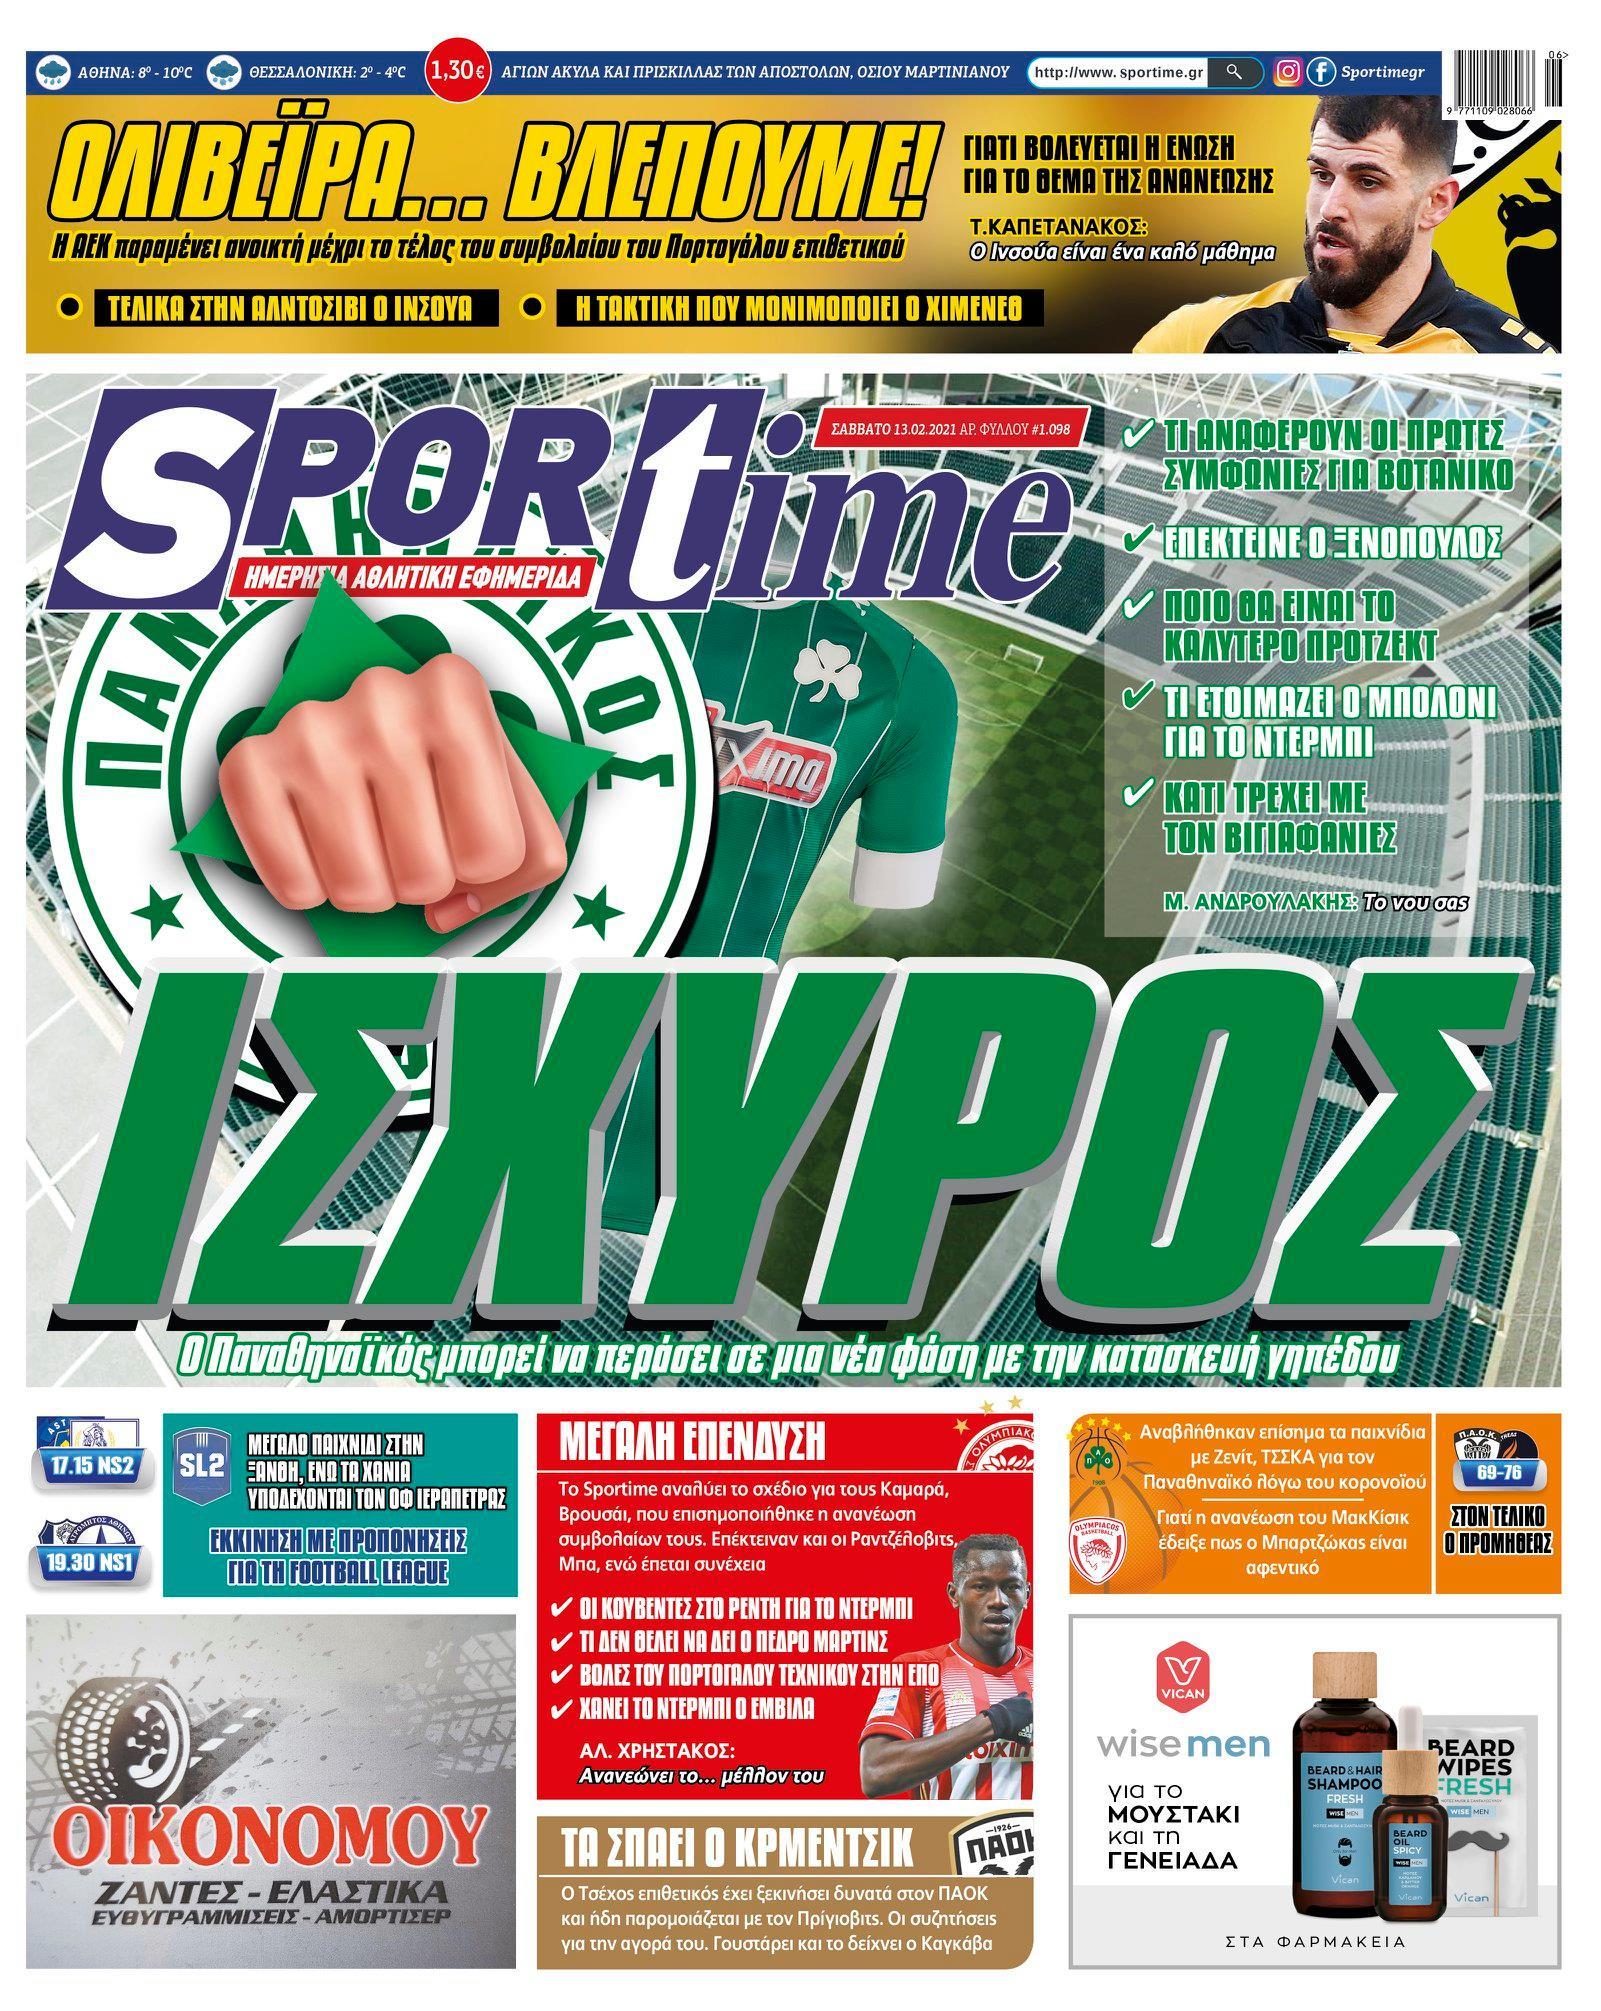 Εφημερίδα SPORTIME - Εξώφυλλο φύλλου 13/2/2021